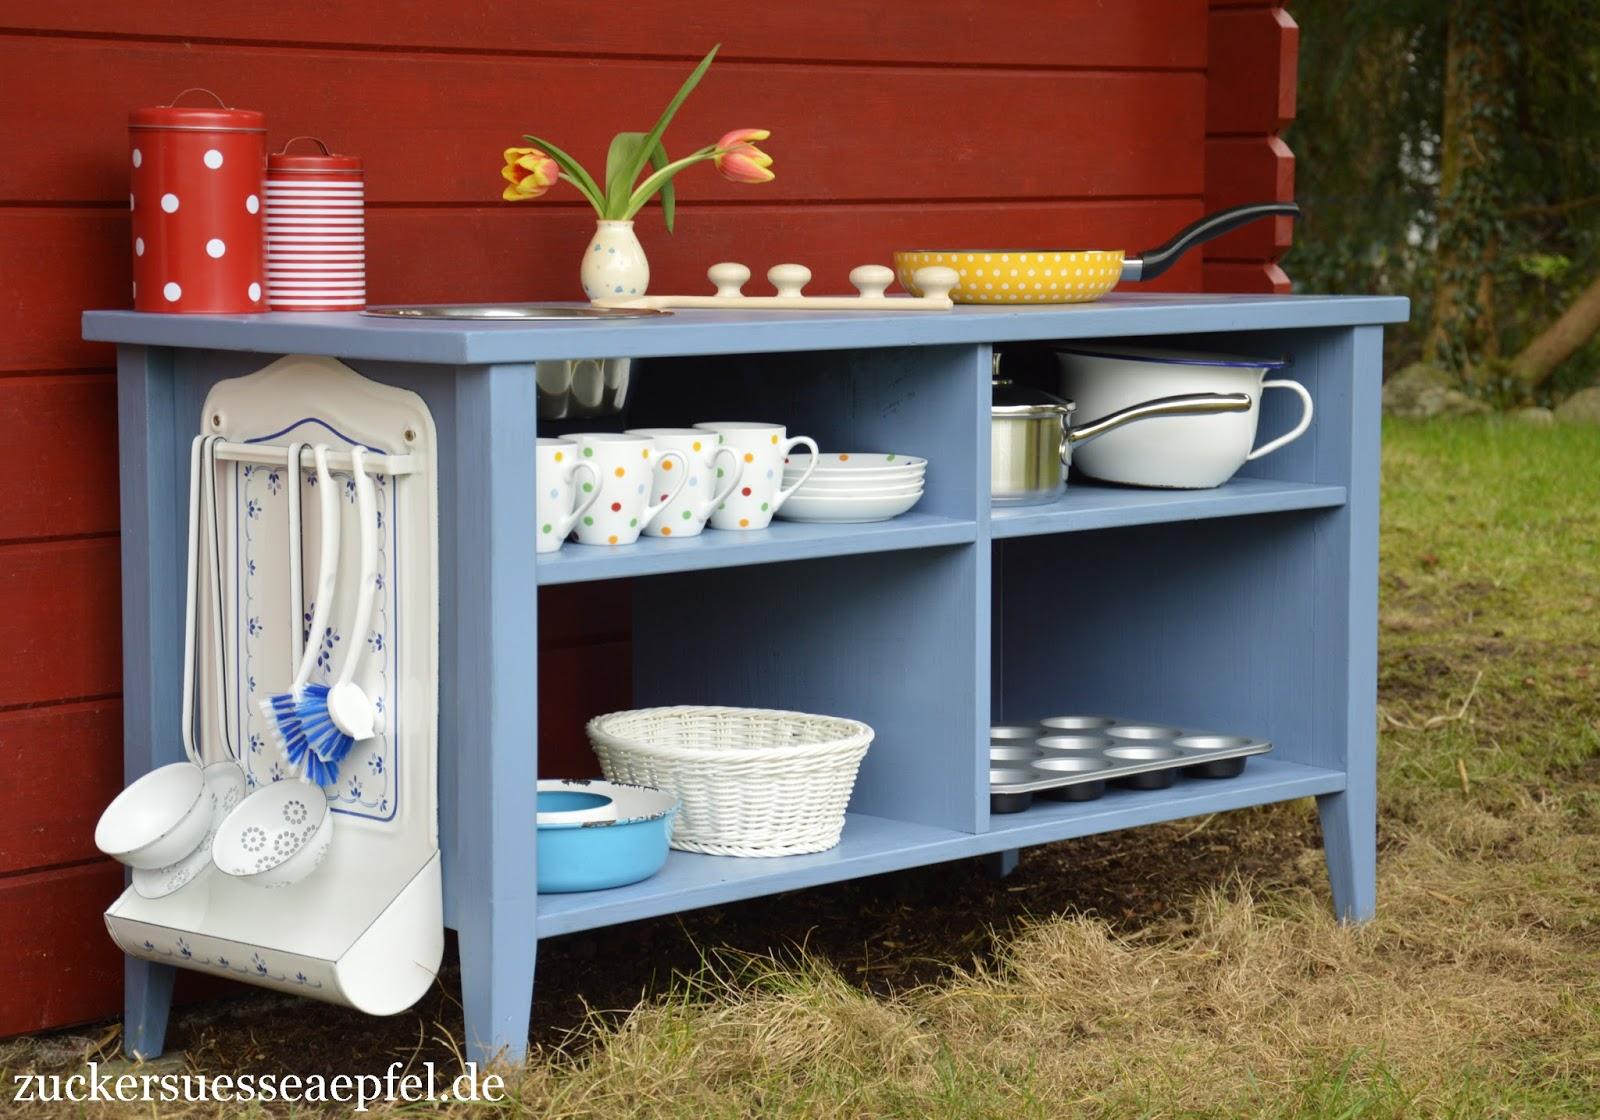 Küche Für Kinder Selber Bauen Rustikale Küchen Selber Bauen Genial